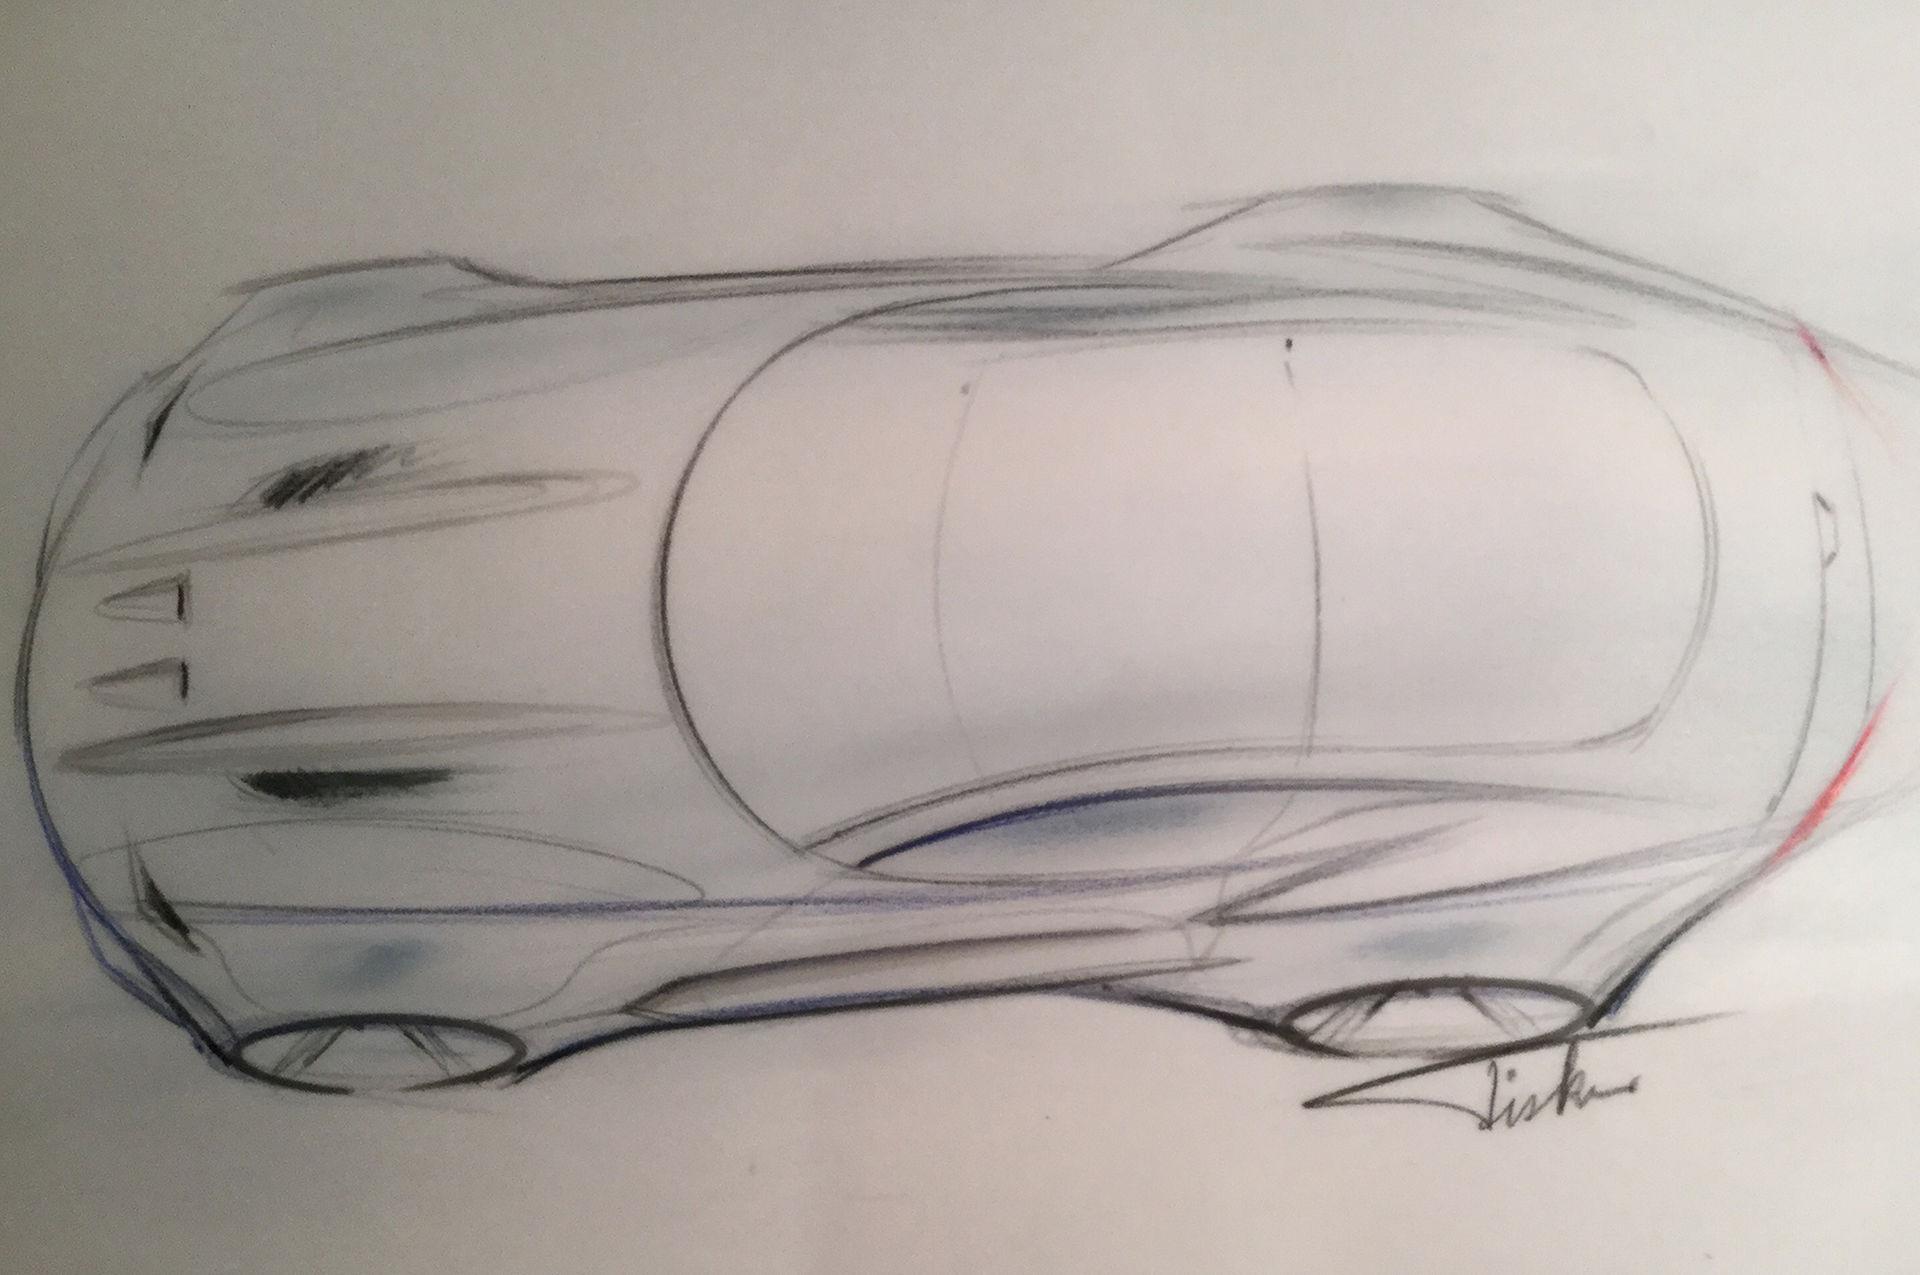 ecsImgHenrik-Fisker-Design-The-Force-1-sketch-4029535503539478030